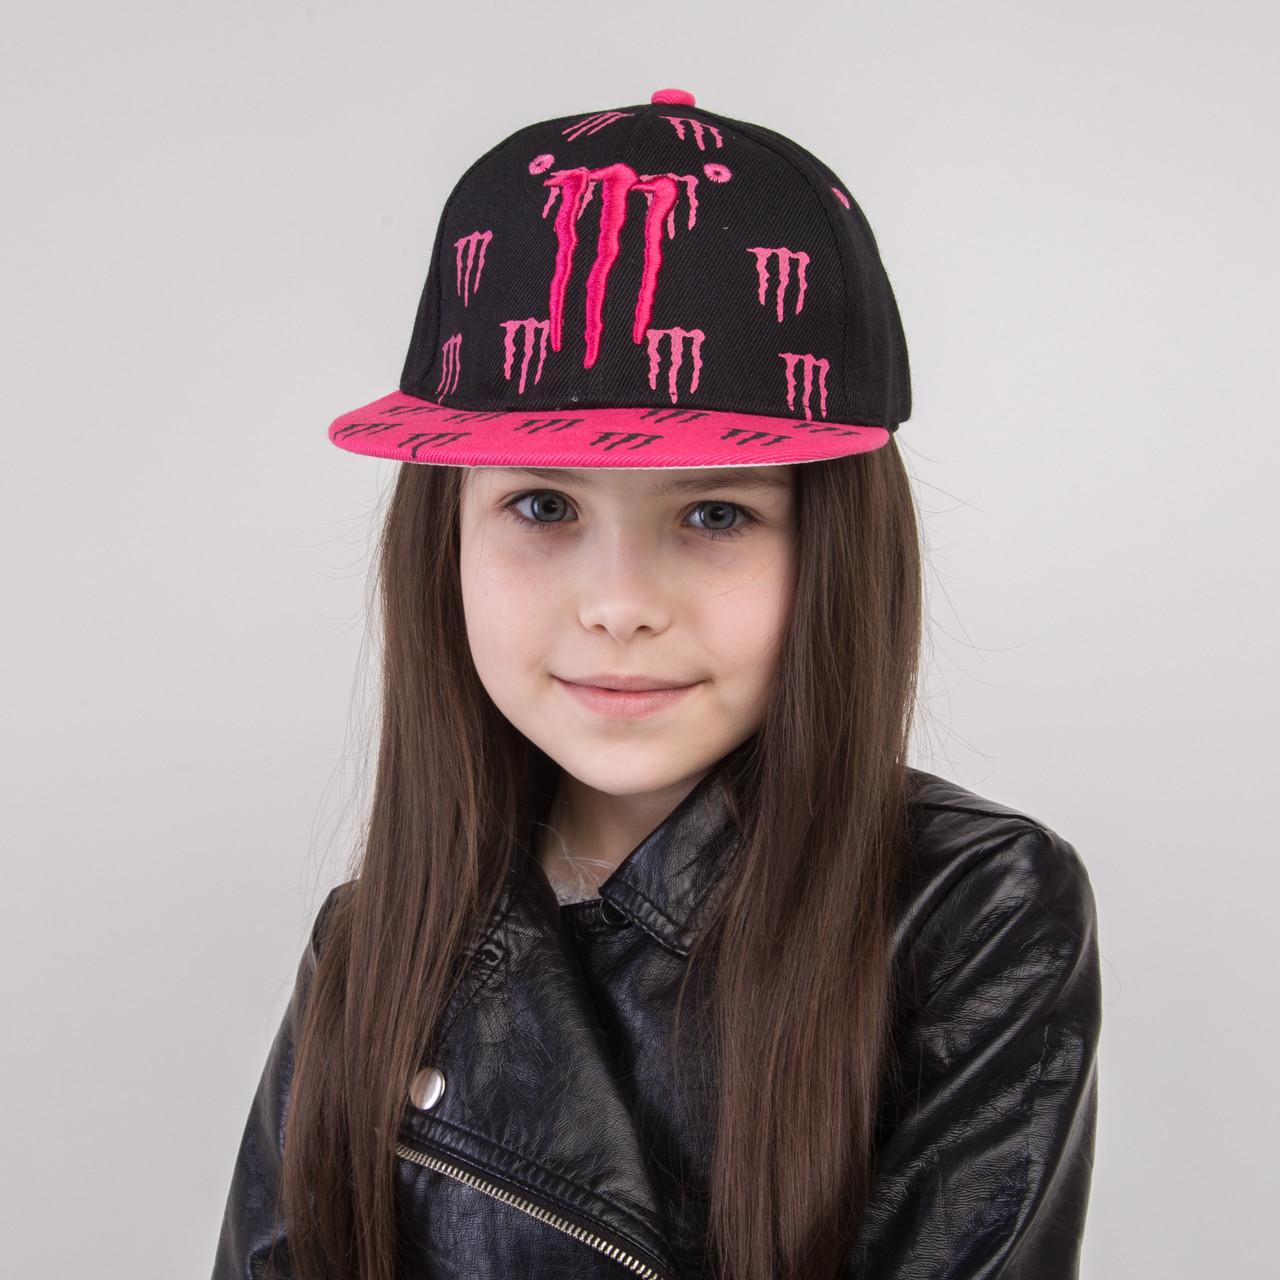 Модная кепка Snapback для девочек оптом - 82018-8